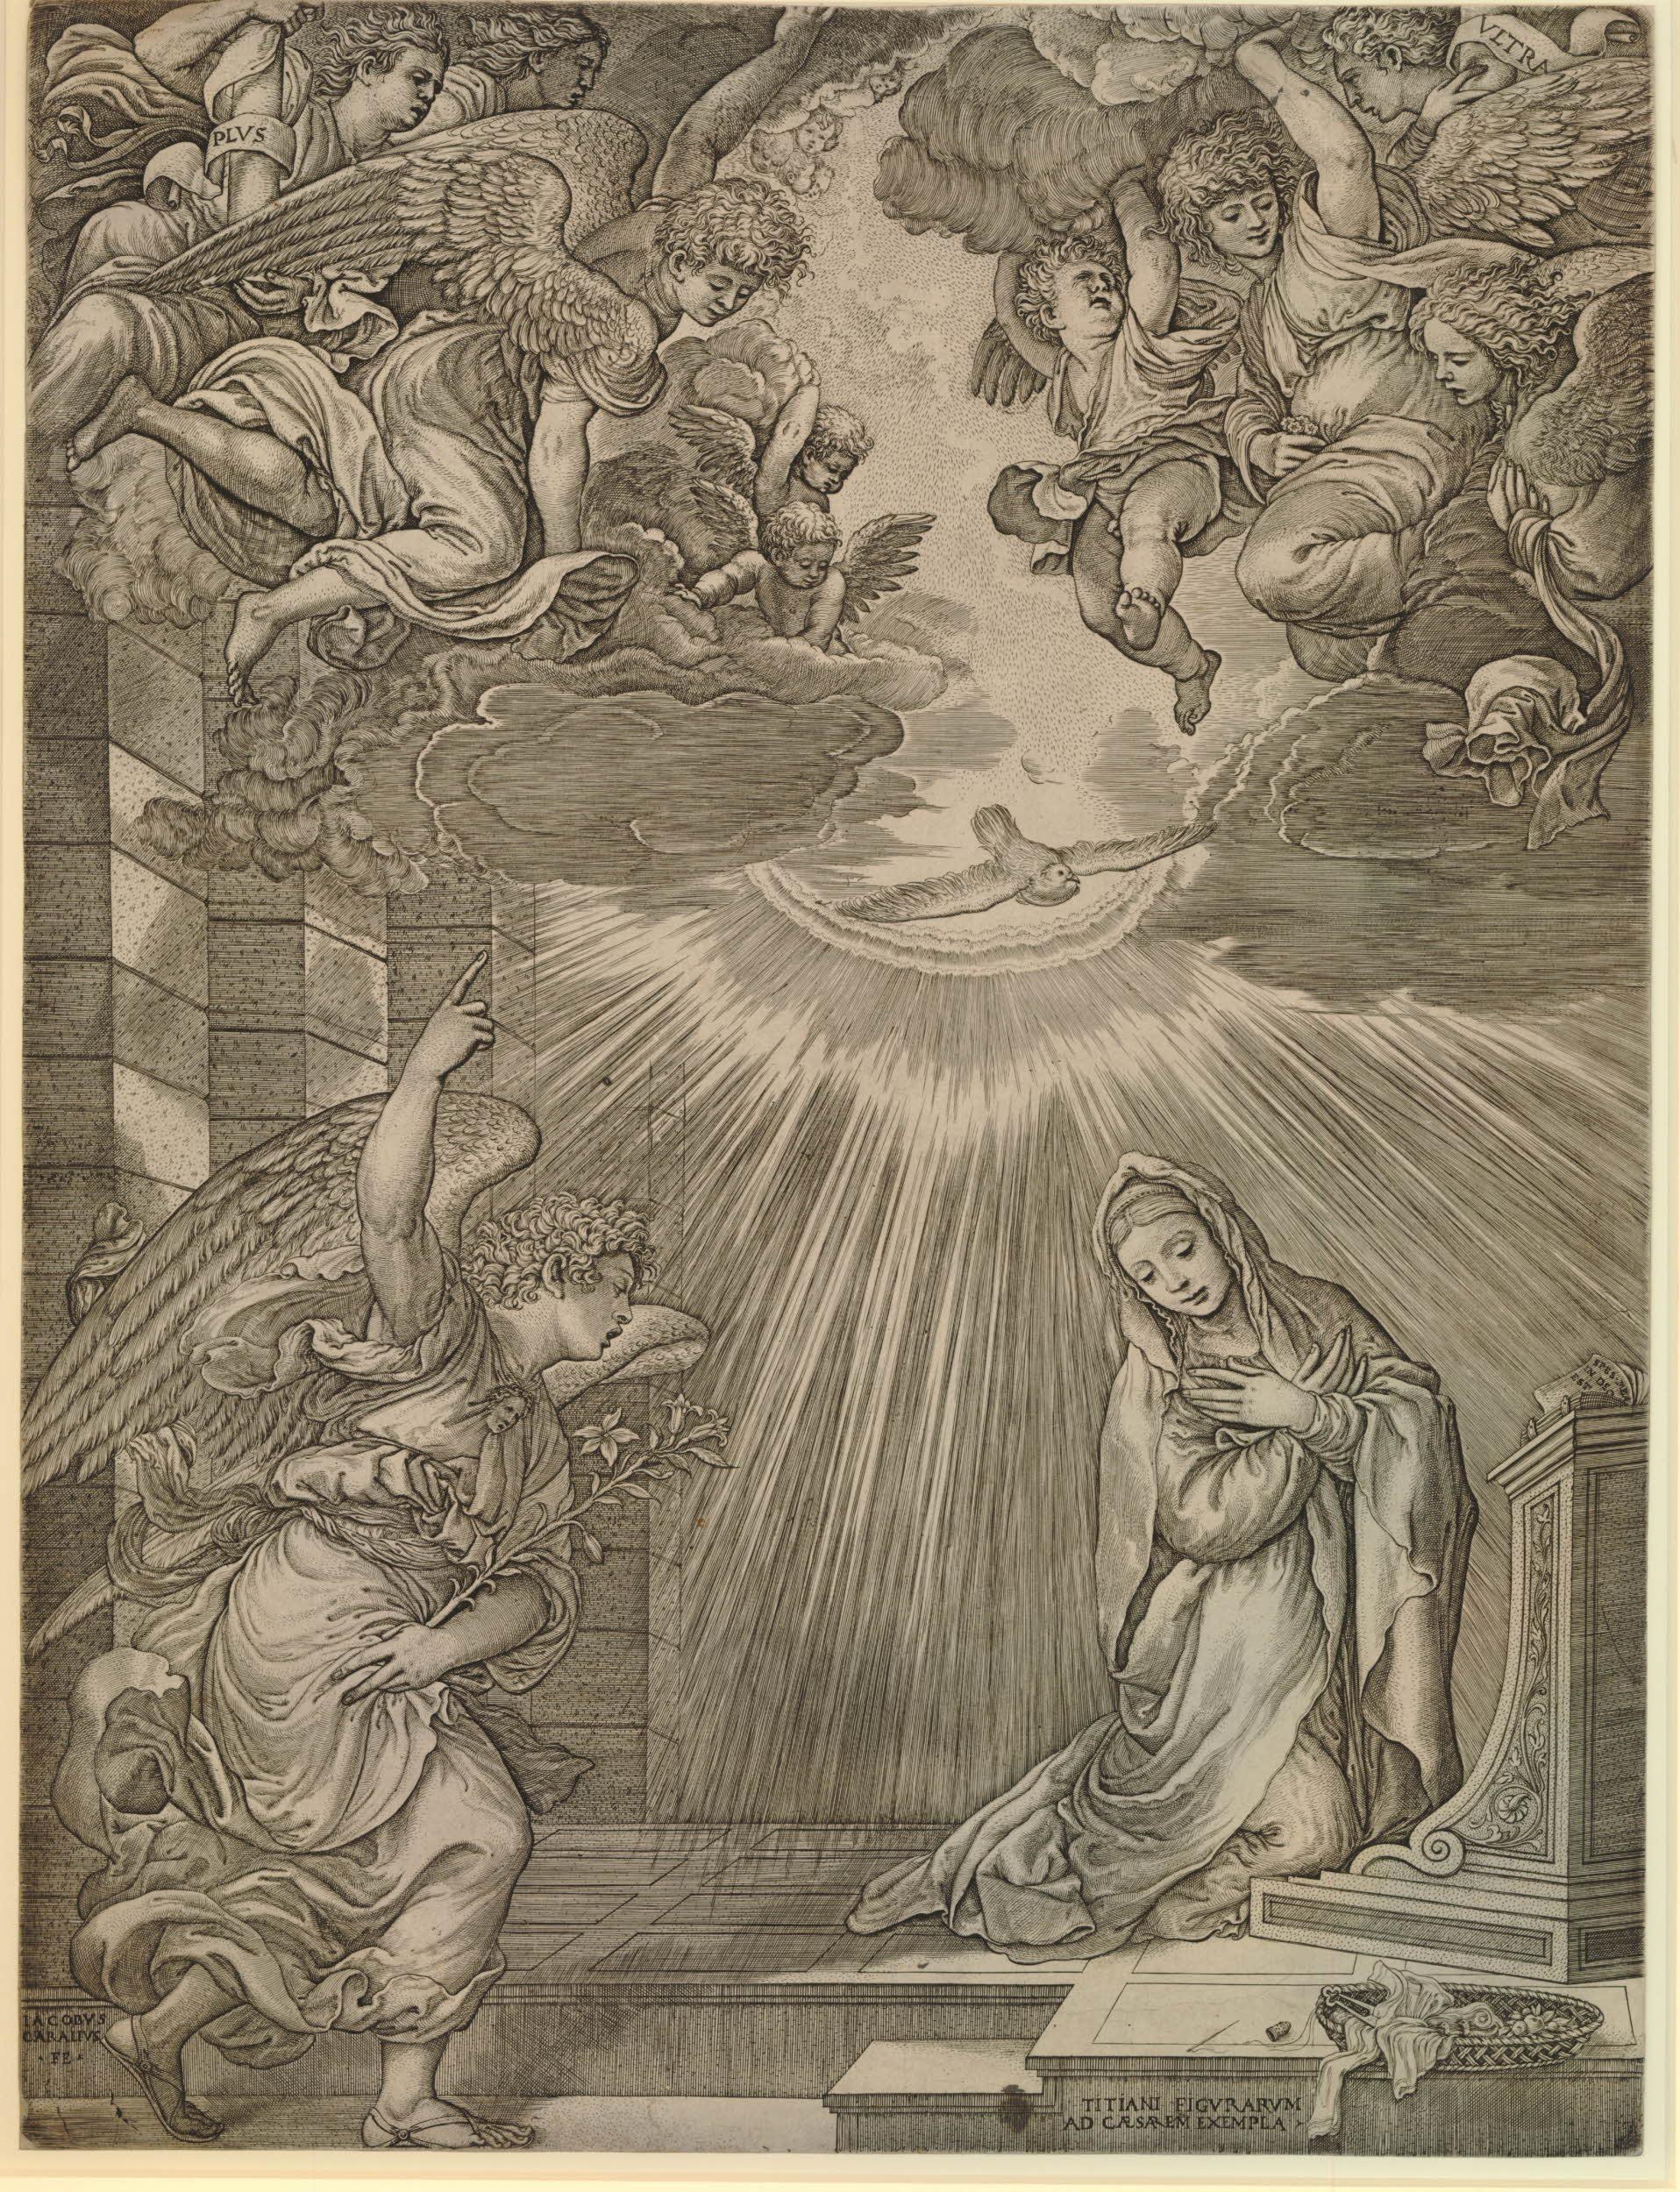 De modelo trascendente a pérdida por desidia: La Anunciación que Tiziano regaló a la Emperatriz